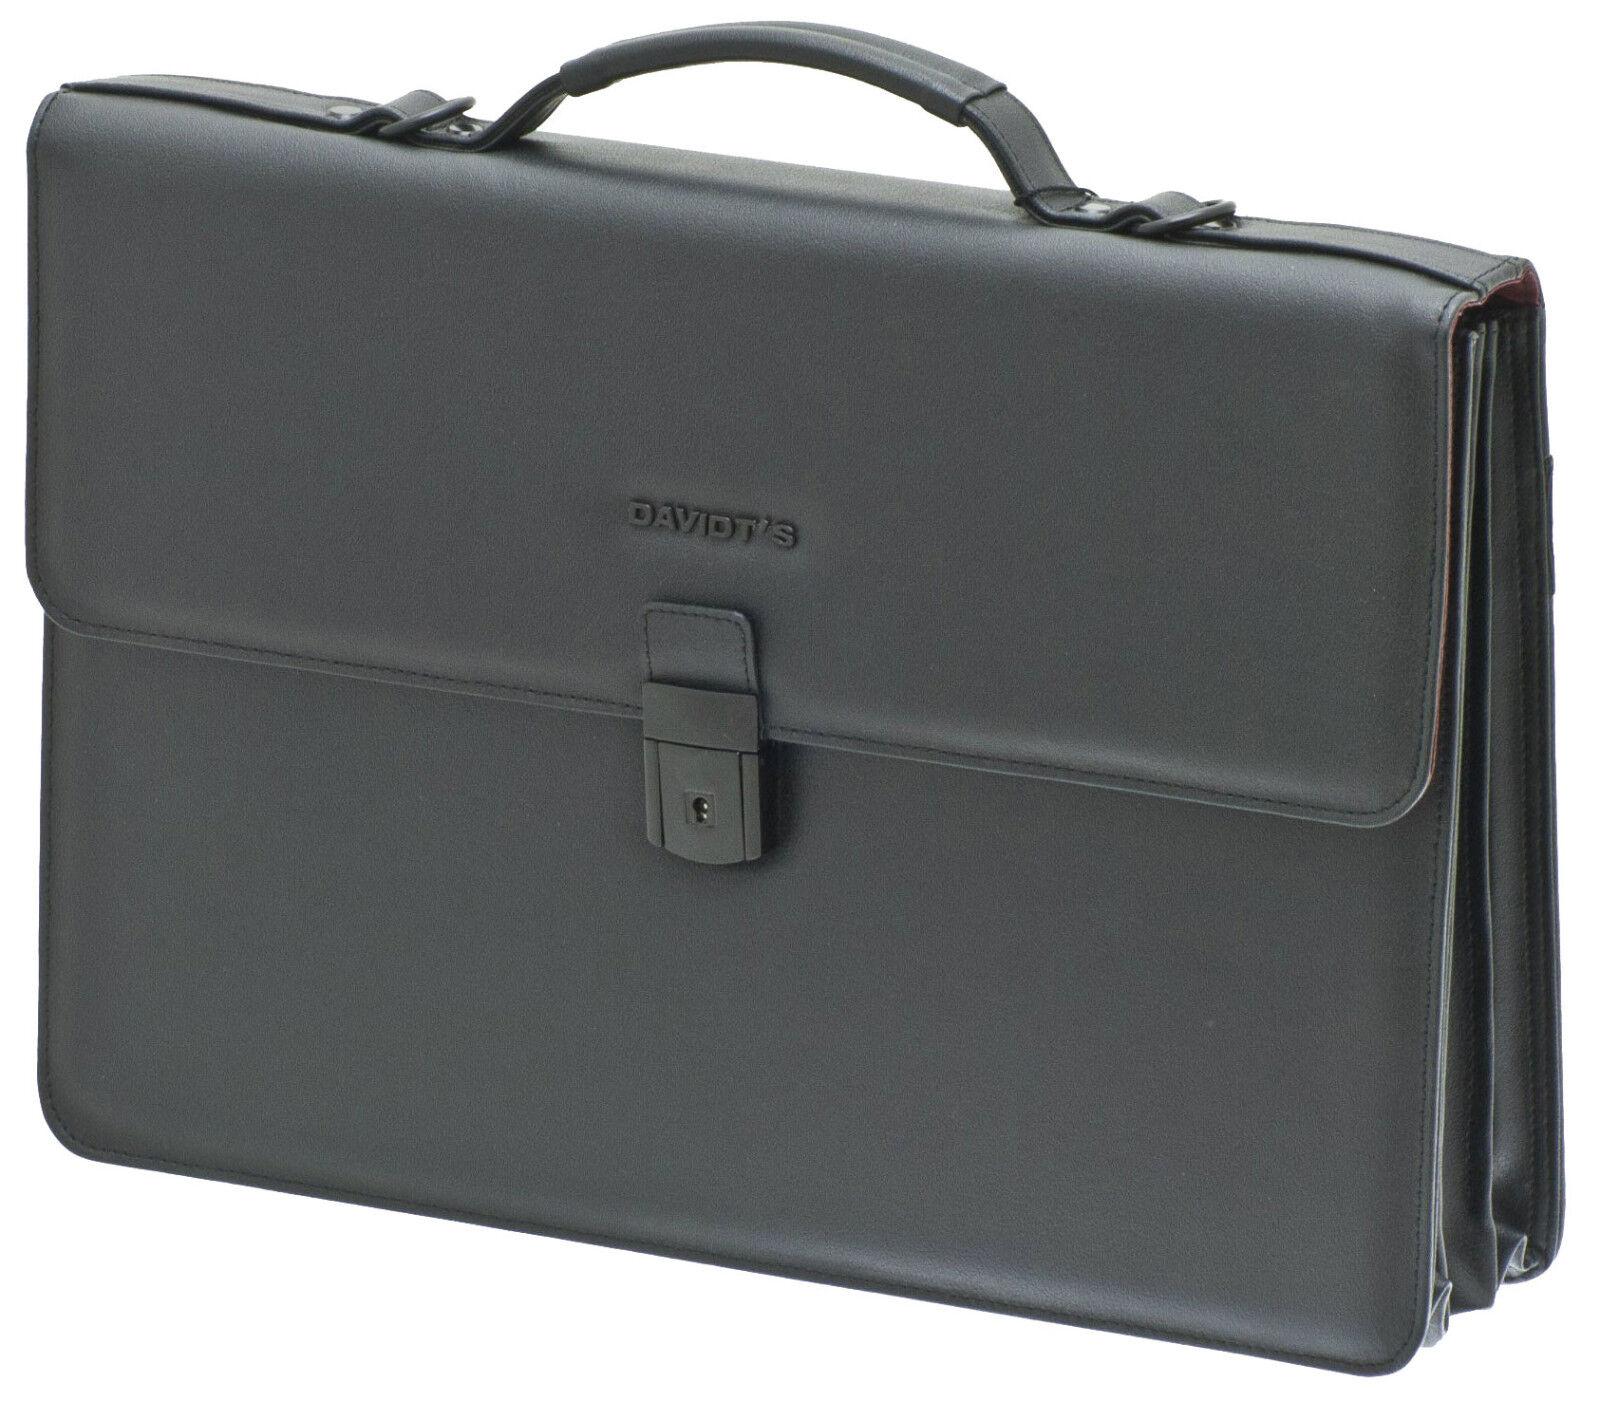 Arbeits Akten Schulter Tasche Querformat 41x30x9cm Groß Schwarz Davidts Bowatex | Perfekte Verarbeitung  | Niedriger Preis und gute Qualität  | Praktisch Und Wirtschaftlich